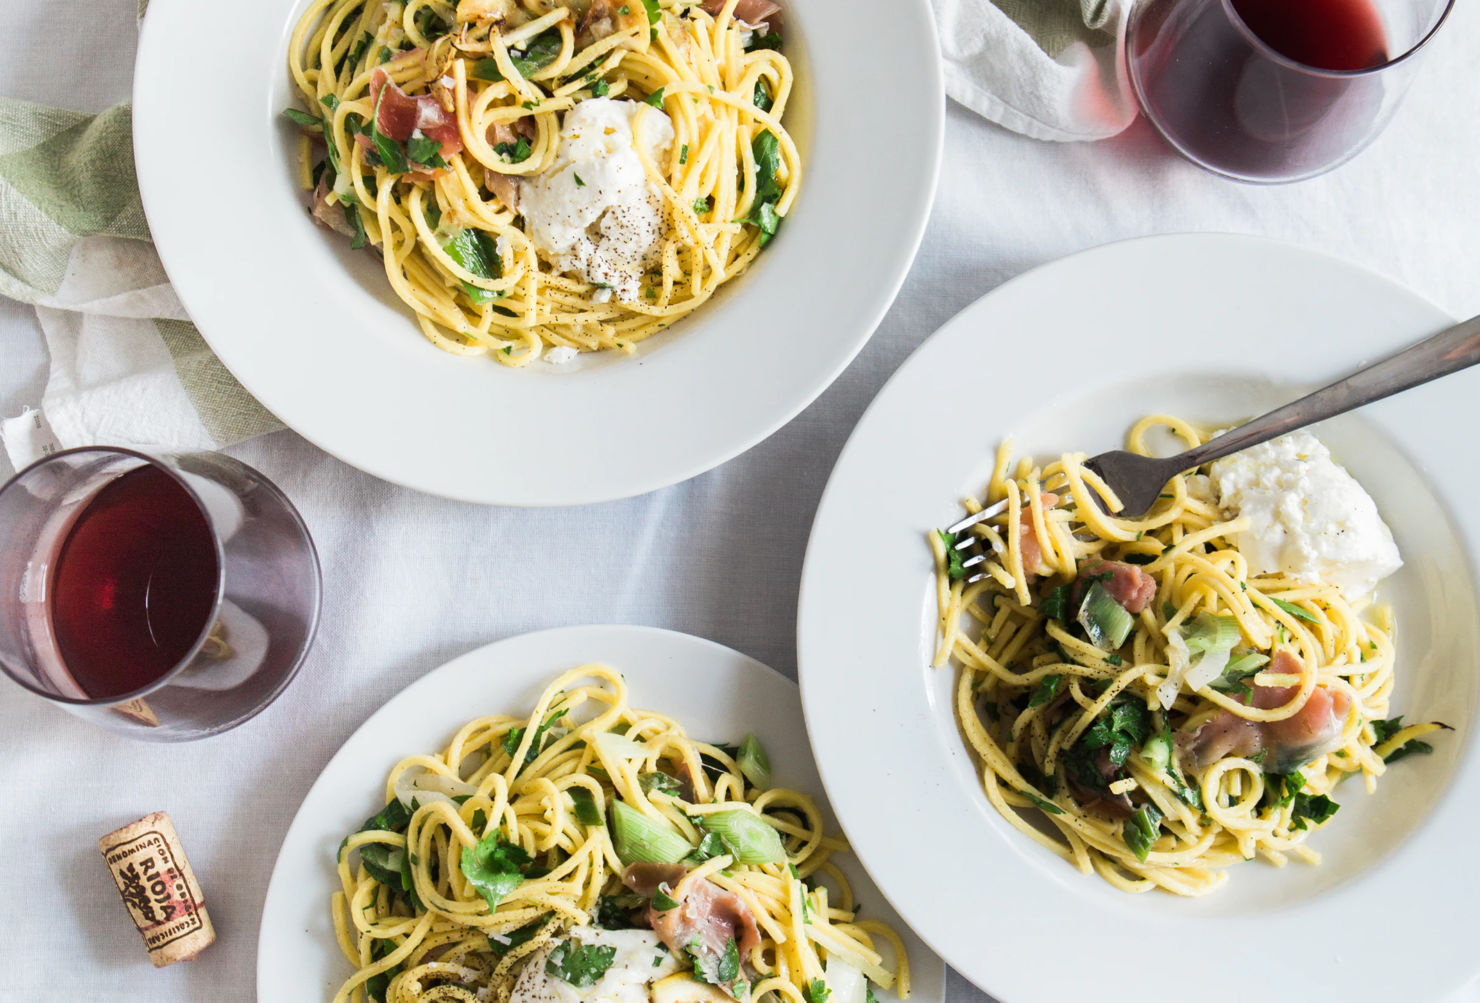 ¿Necesitas inspiración para cocinar? Estas son 10 de las recetas más populares en Instagram